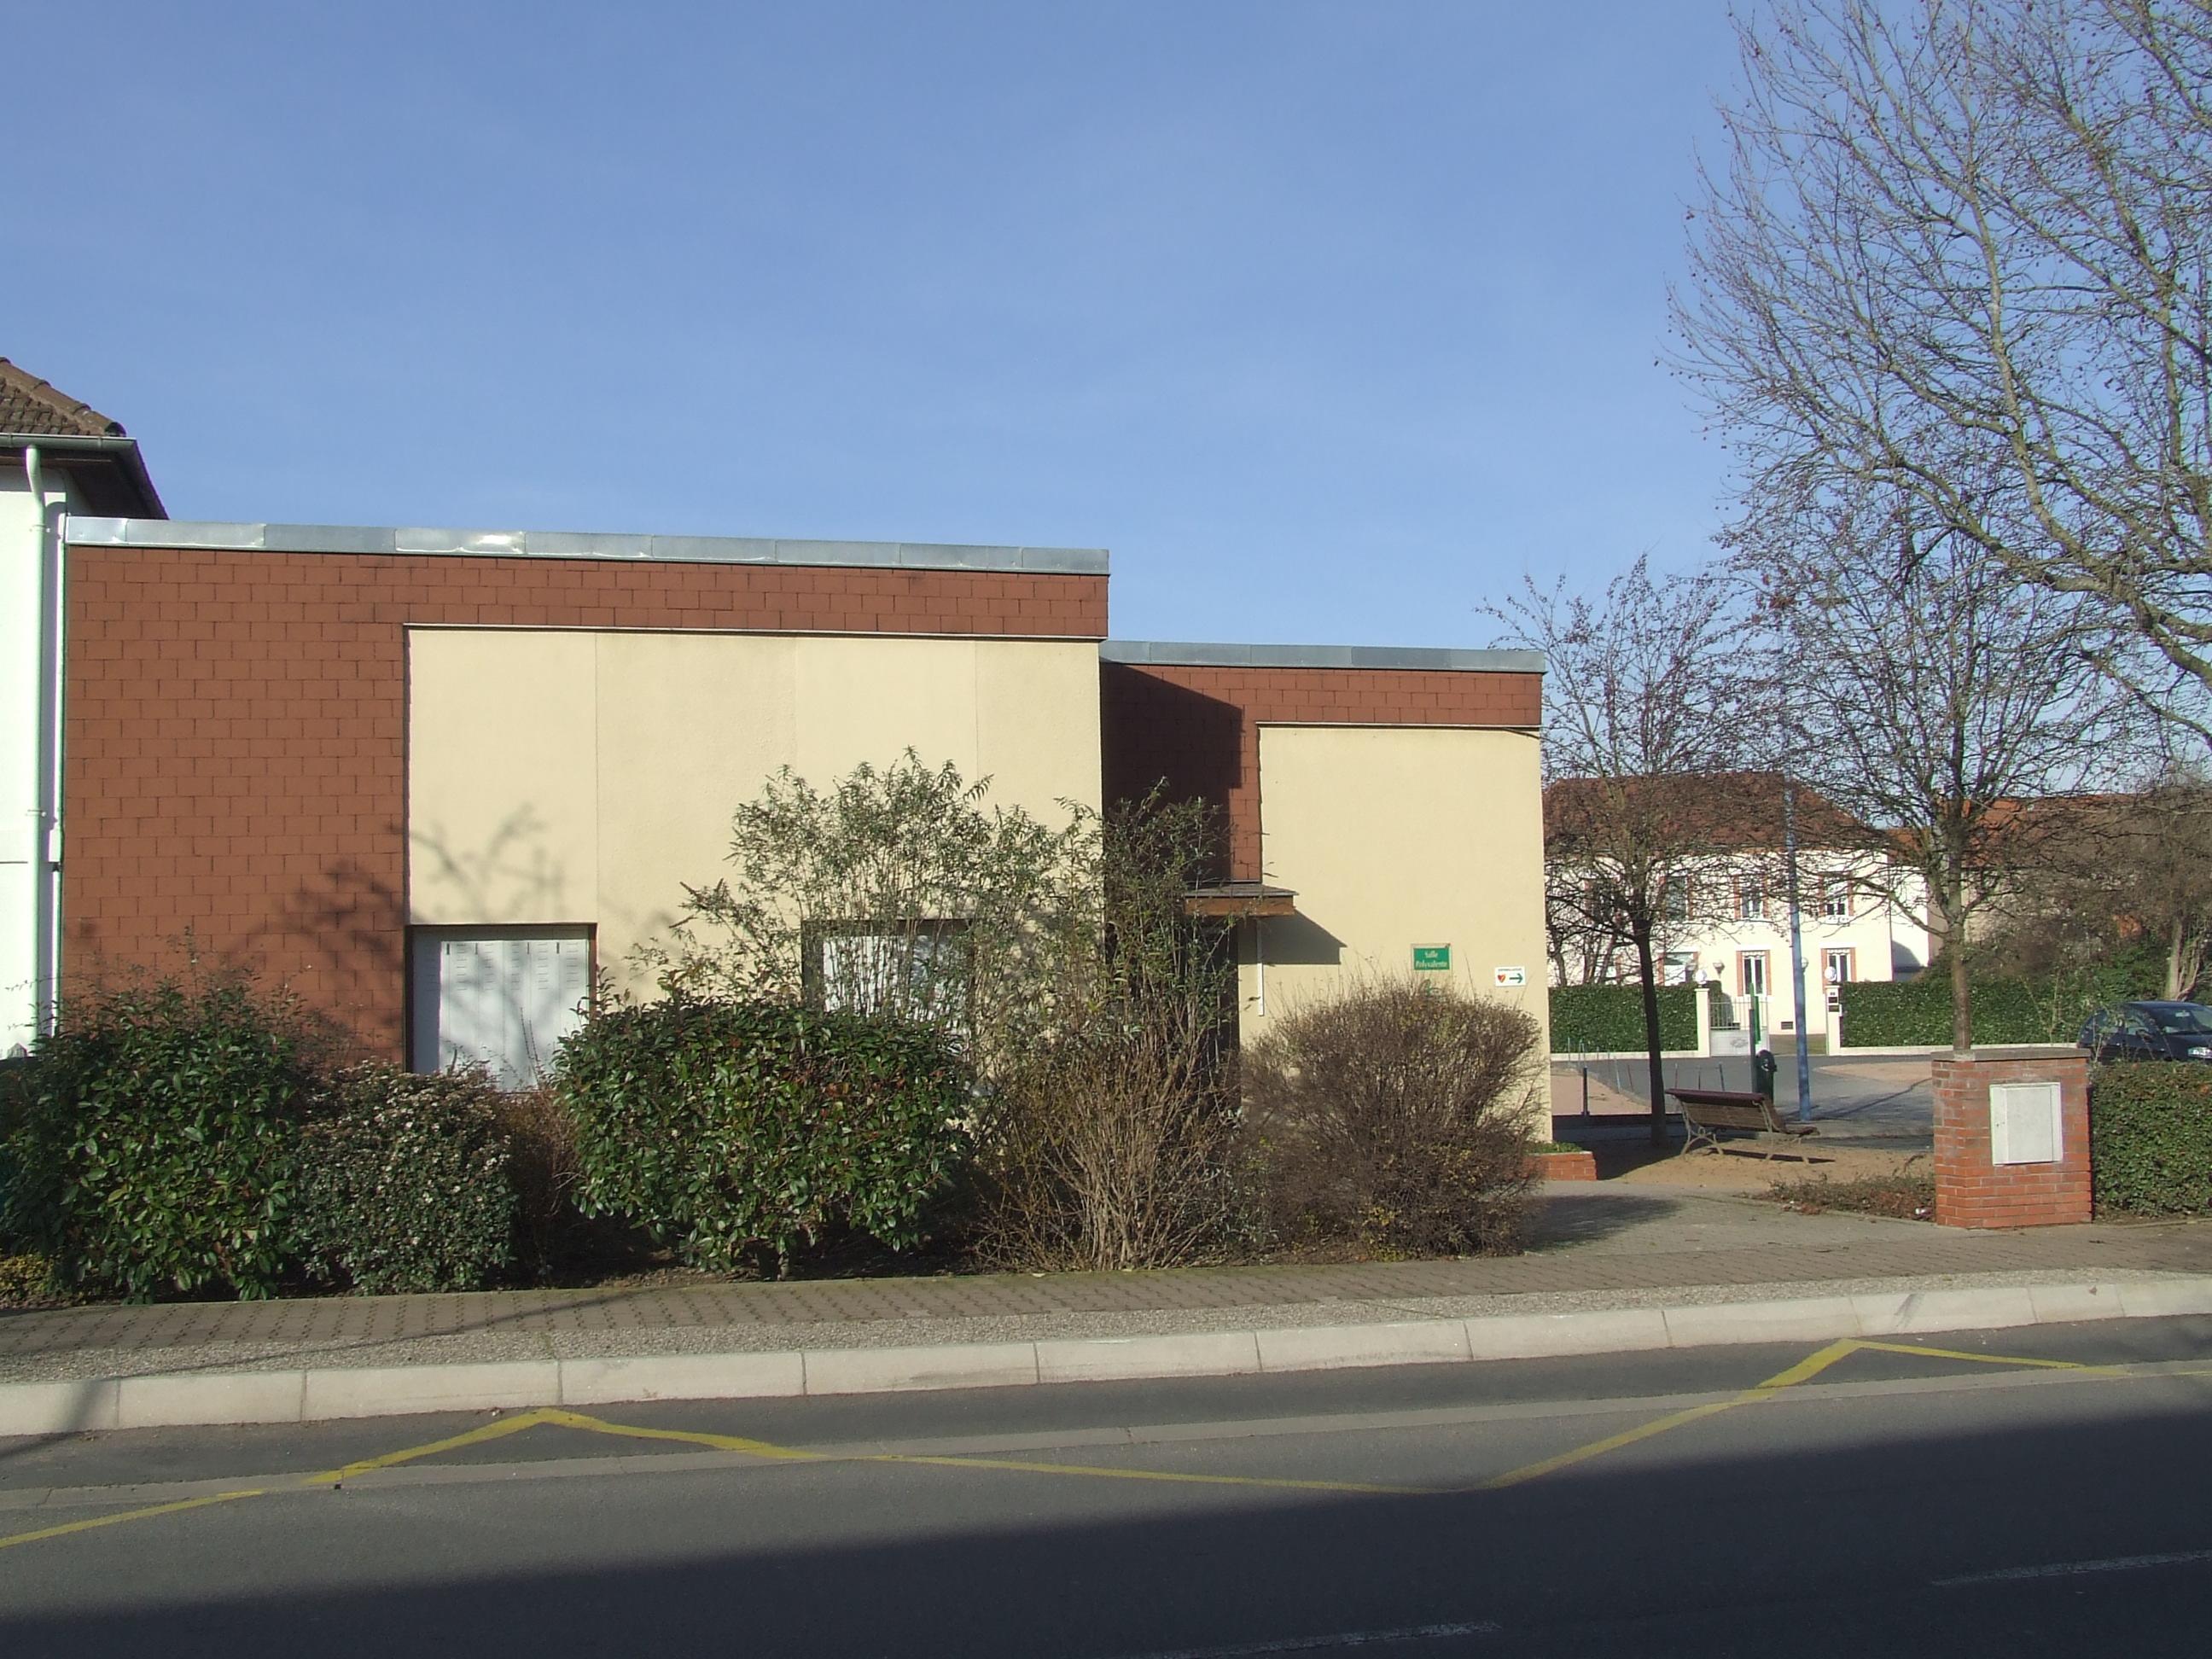 Location salle municipale